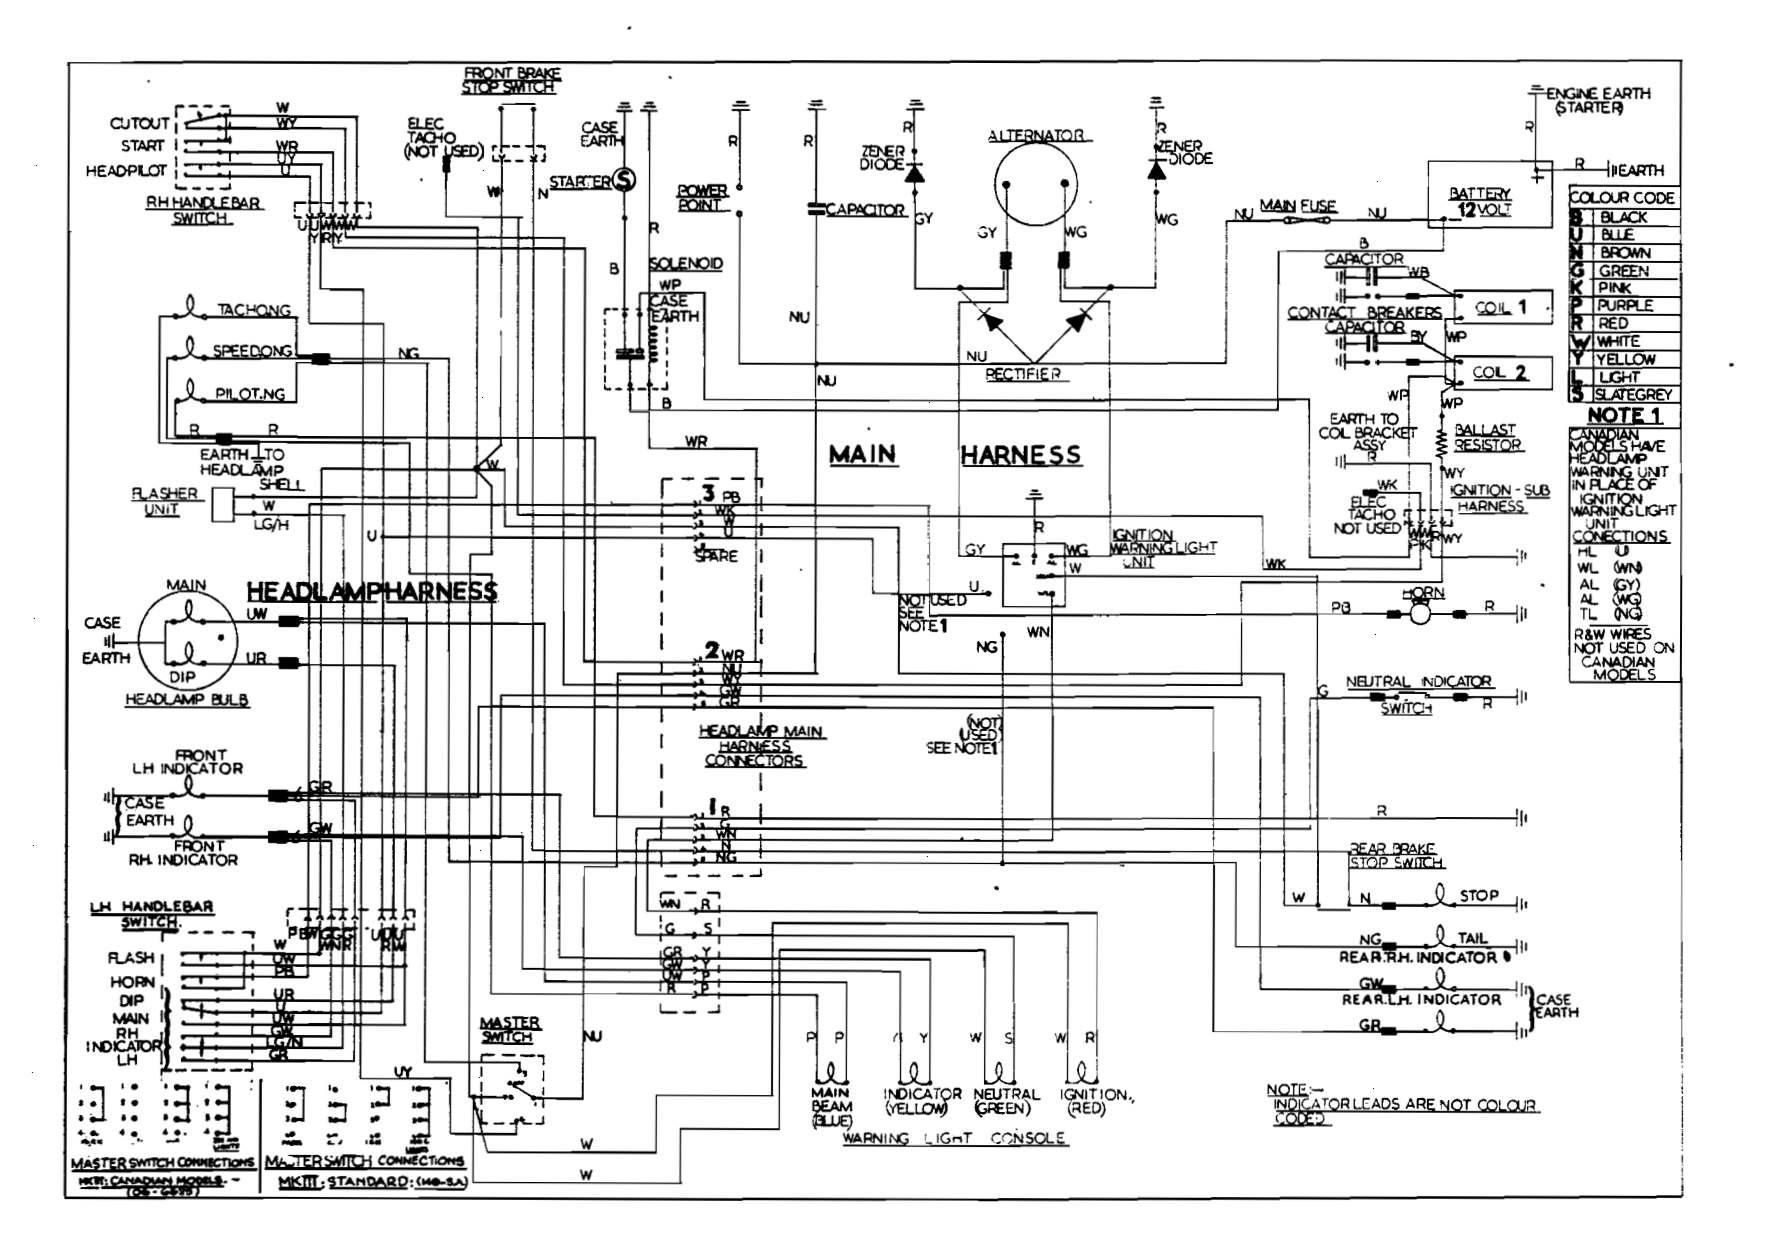 850 Norton Wiring Diagram - 1973 chevelle wiring schematic ... on